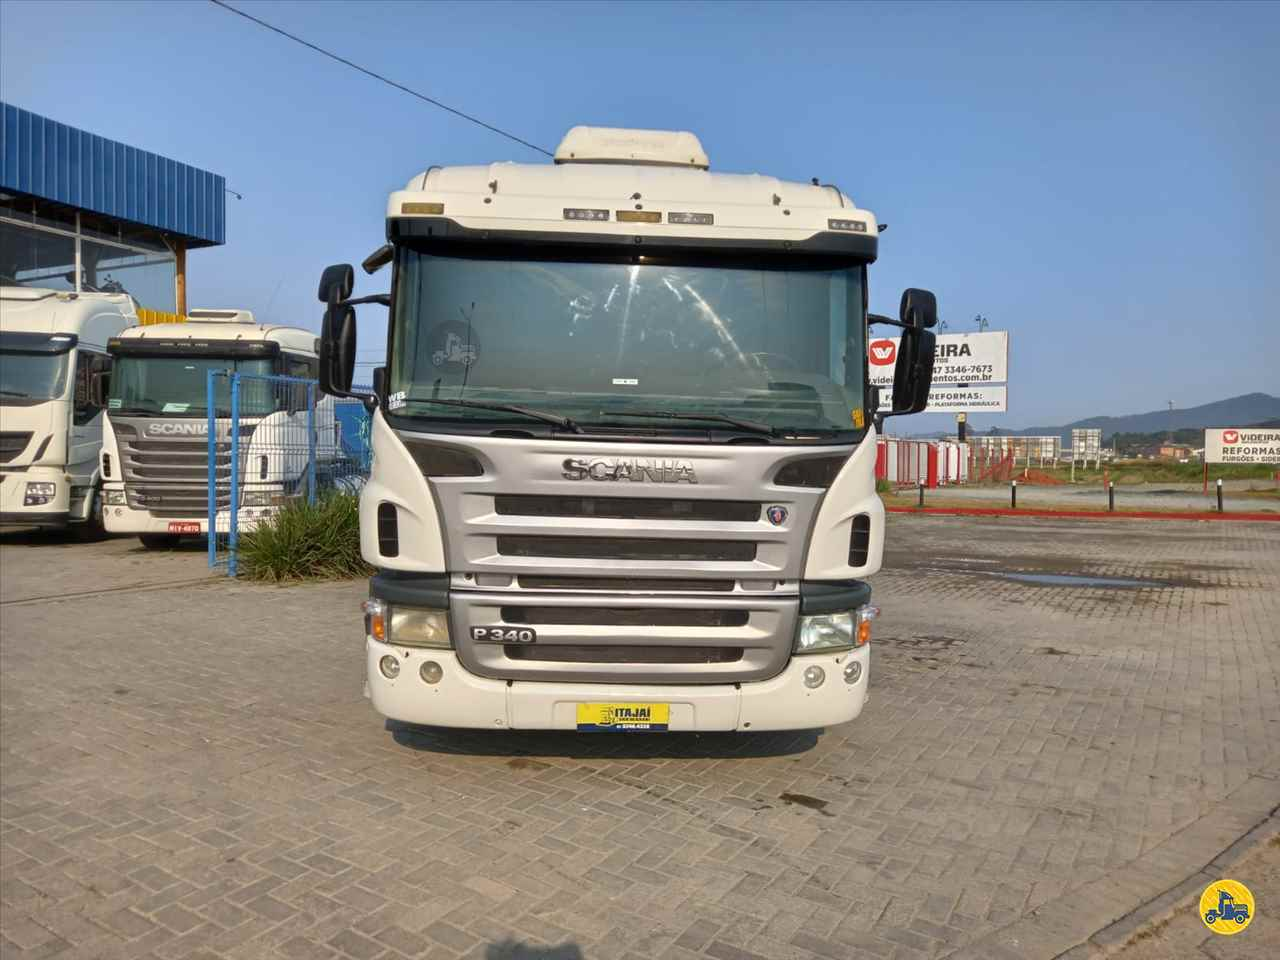 CAMINHAO SCANIA SCANIA P340 Chassis Toco 4x2 Itajai Caminhões NAVEGANTES SANTA CATARINA SC